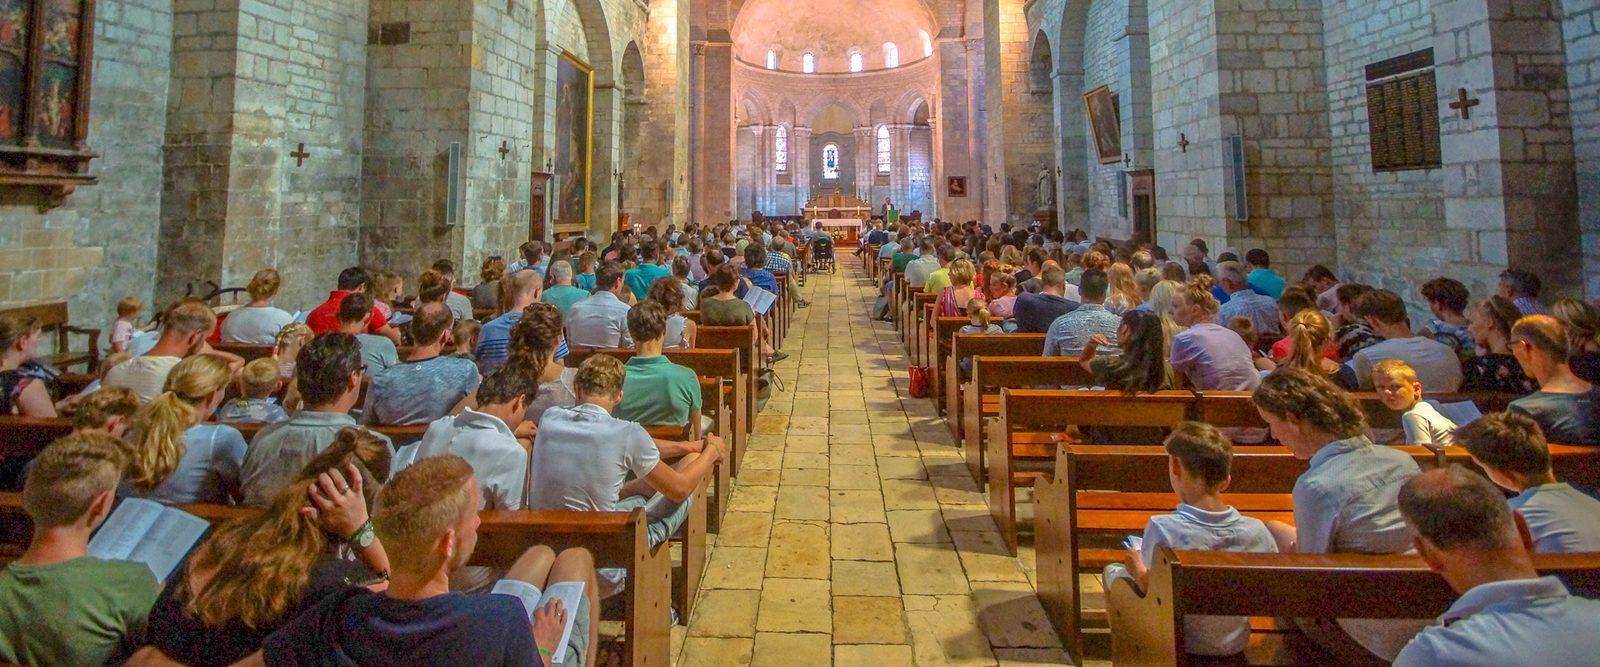 Kathedraal Souillac kerkdienst Beter Uit